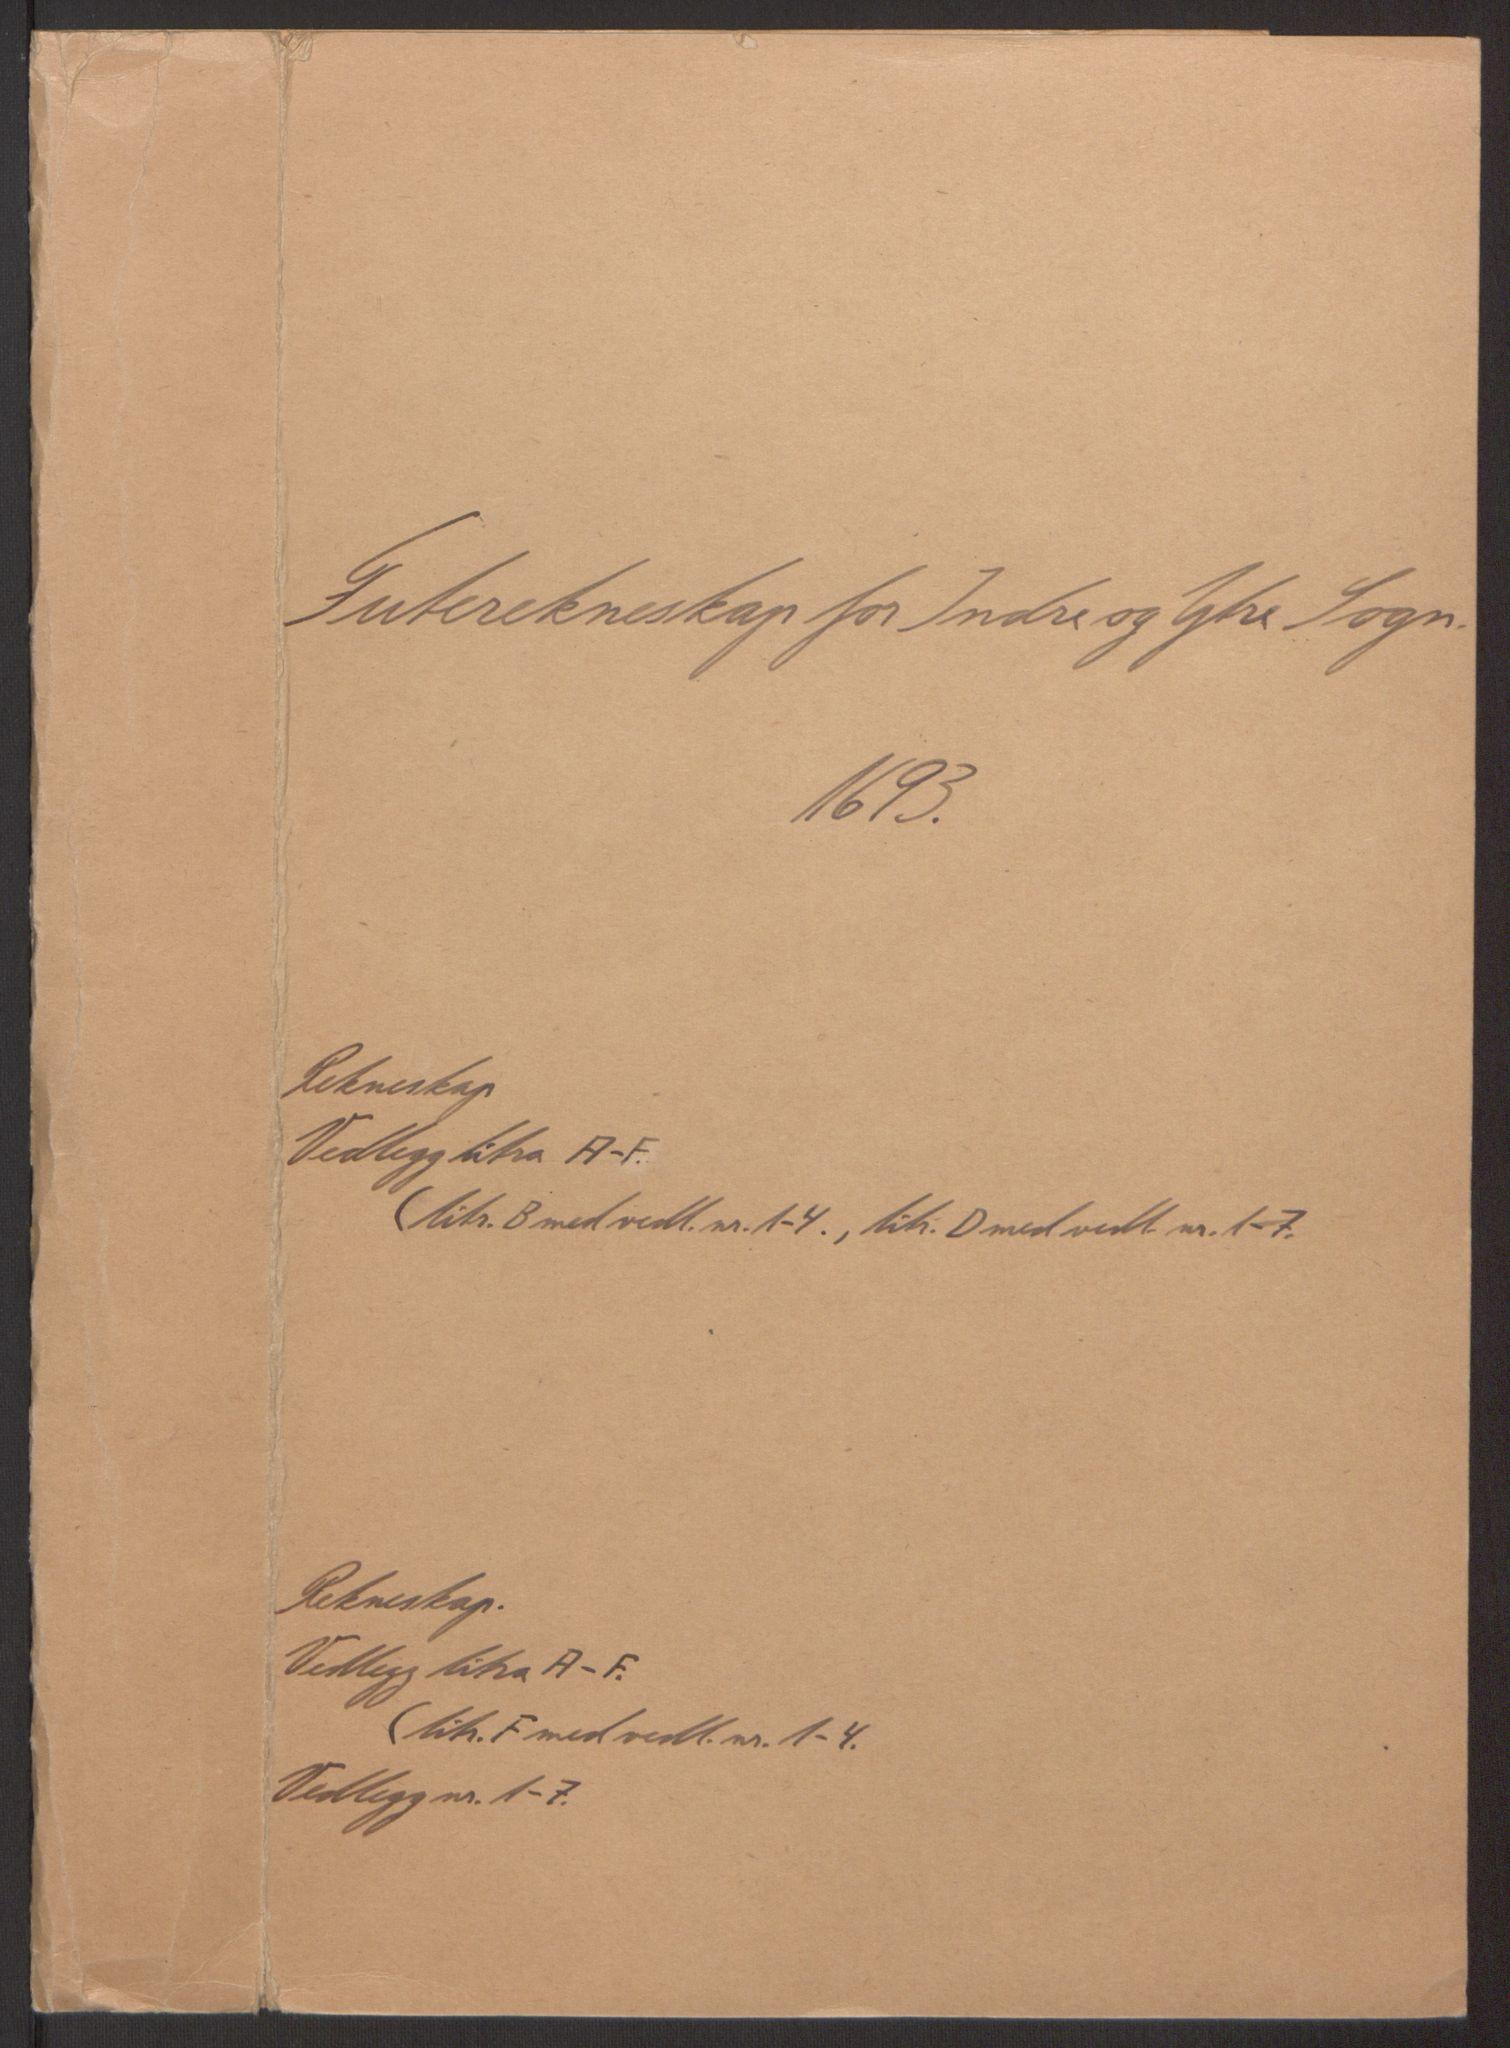 RA, Rentekammeret inntil 1814, Reviderte regnskaper, Fogderegnskap, R52/L3307: Fogderegnskap Sogn, 1693-1694, s. 2